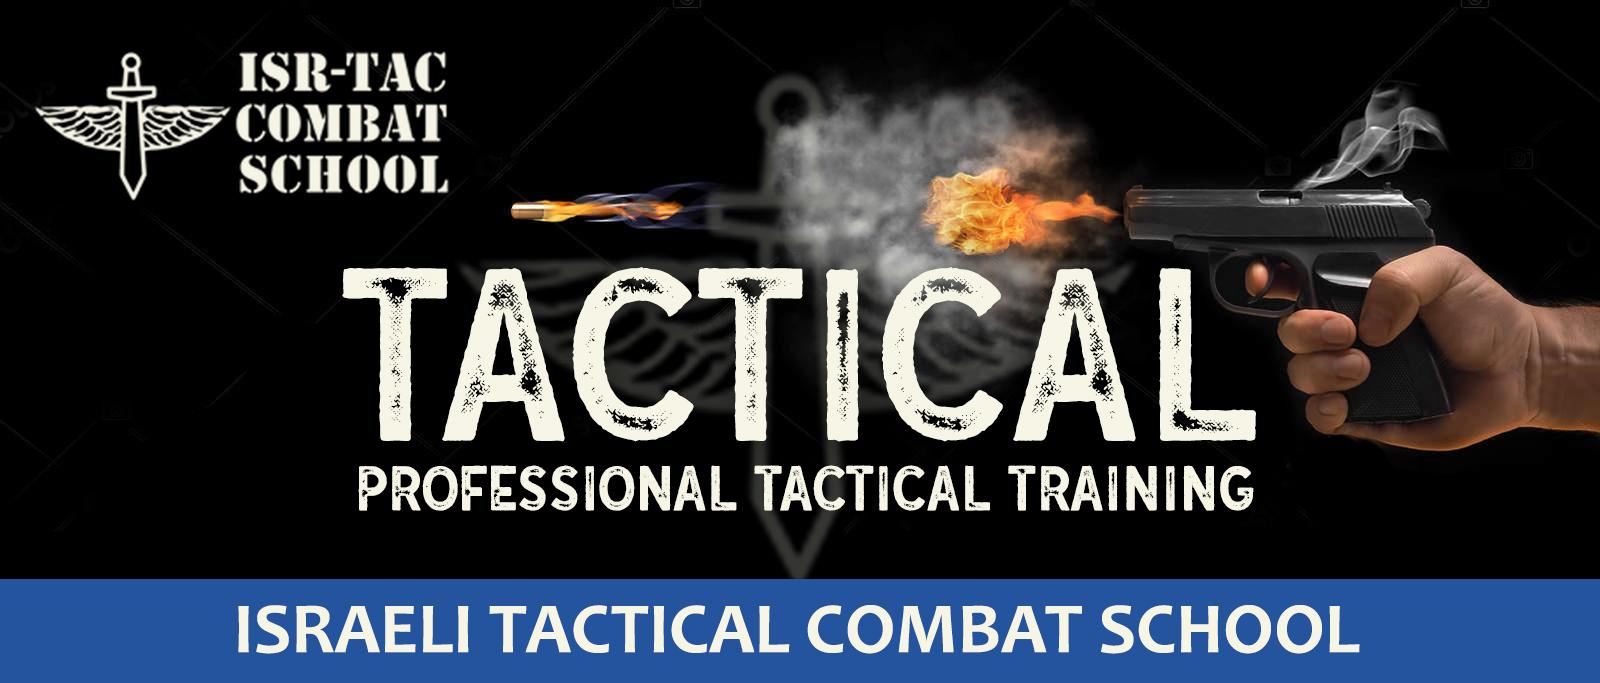 Szkolenie z taktycznego strzelania